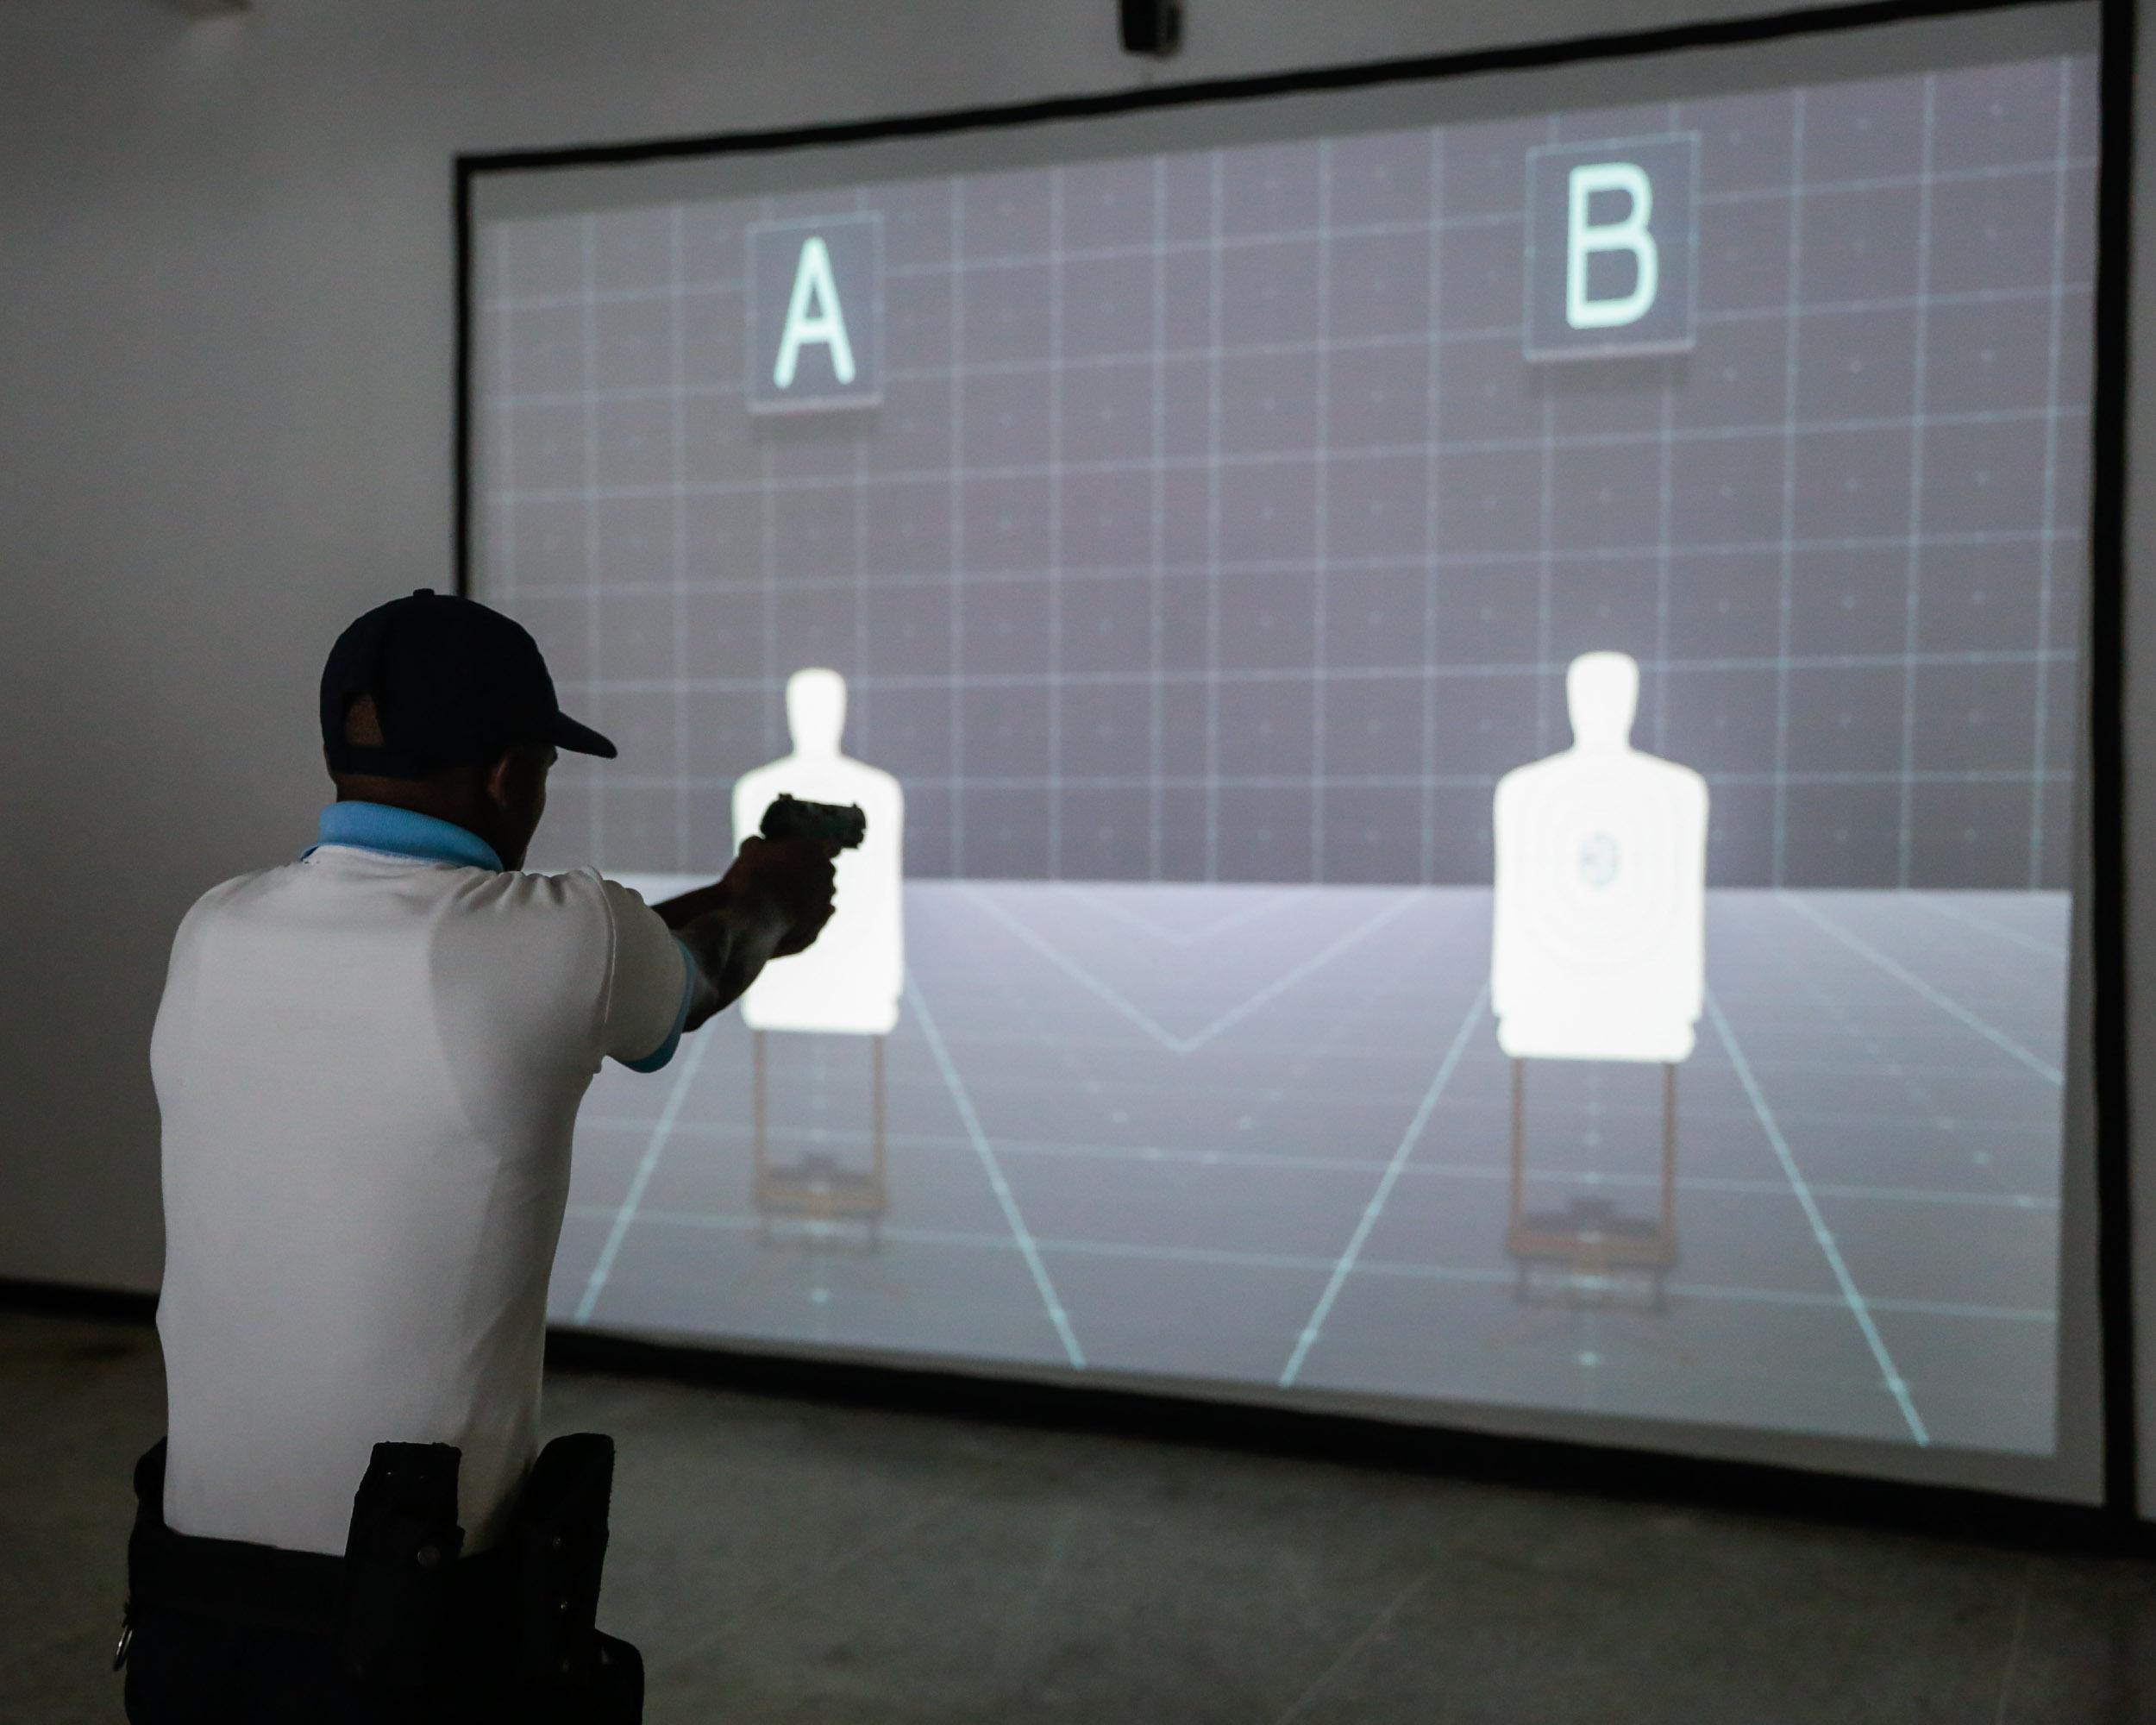 Inaugurado simulador de tiro en la Universidad Nacional Experimental de la Seguridad (13)